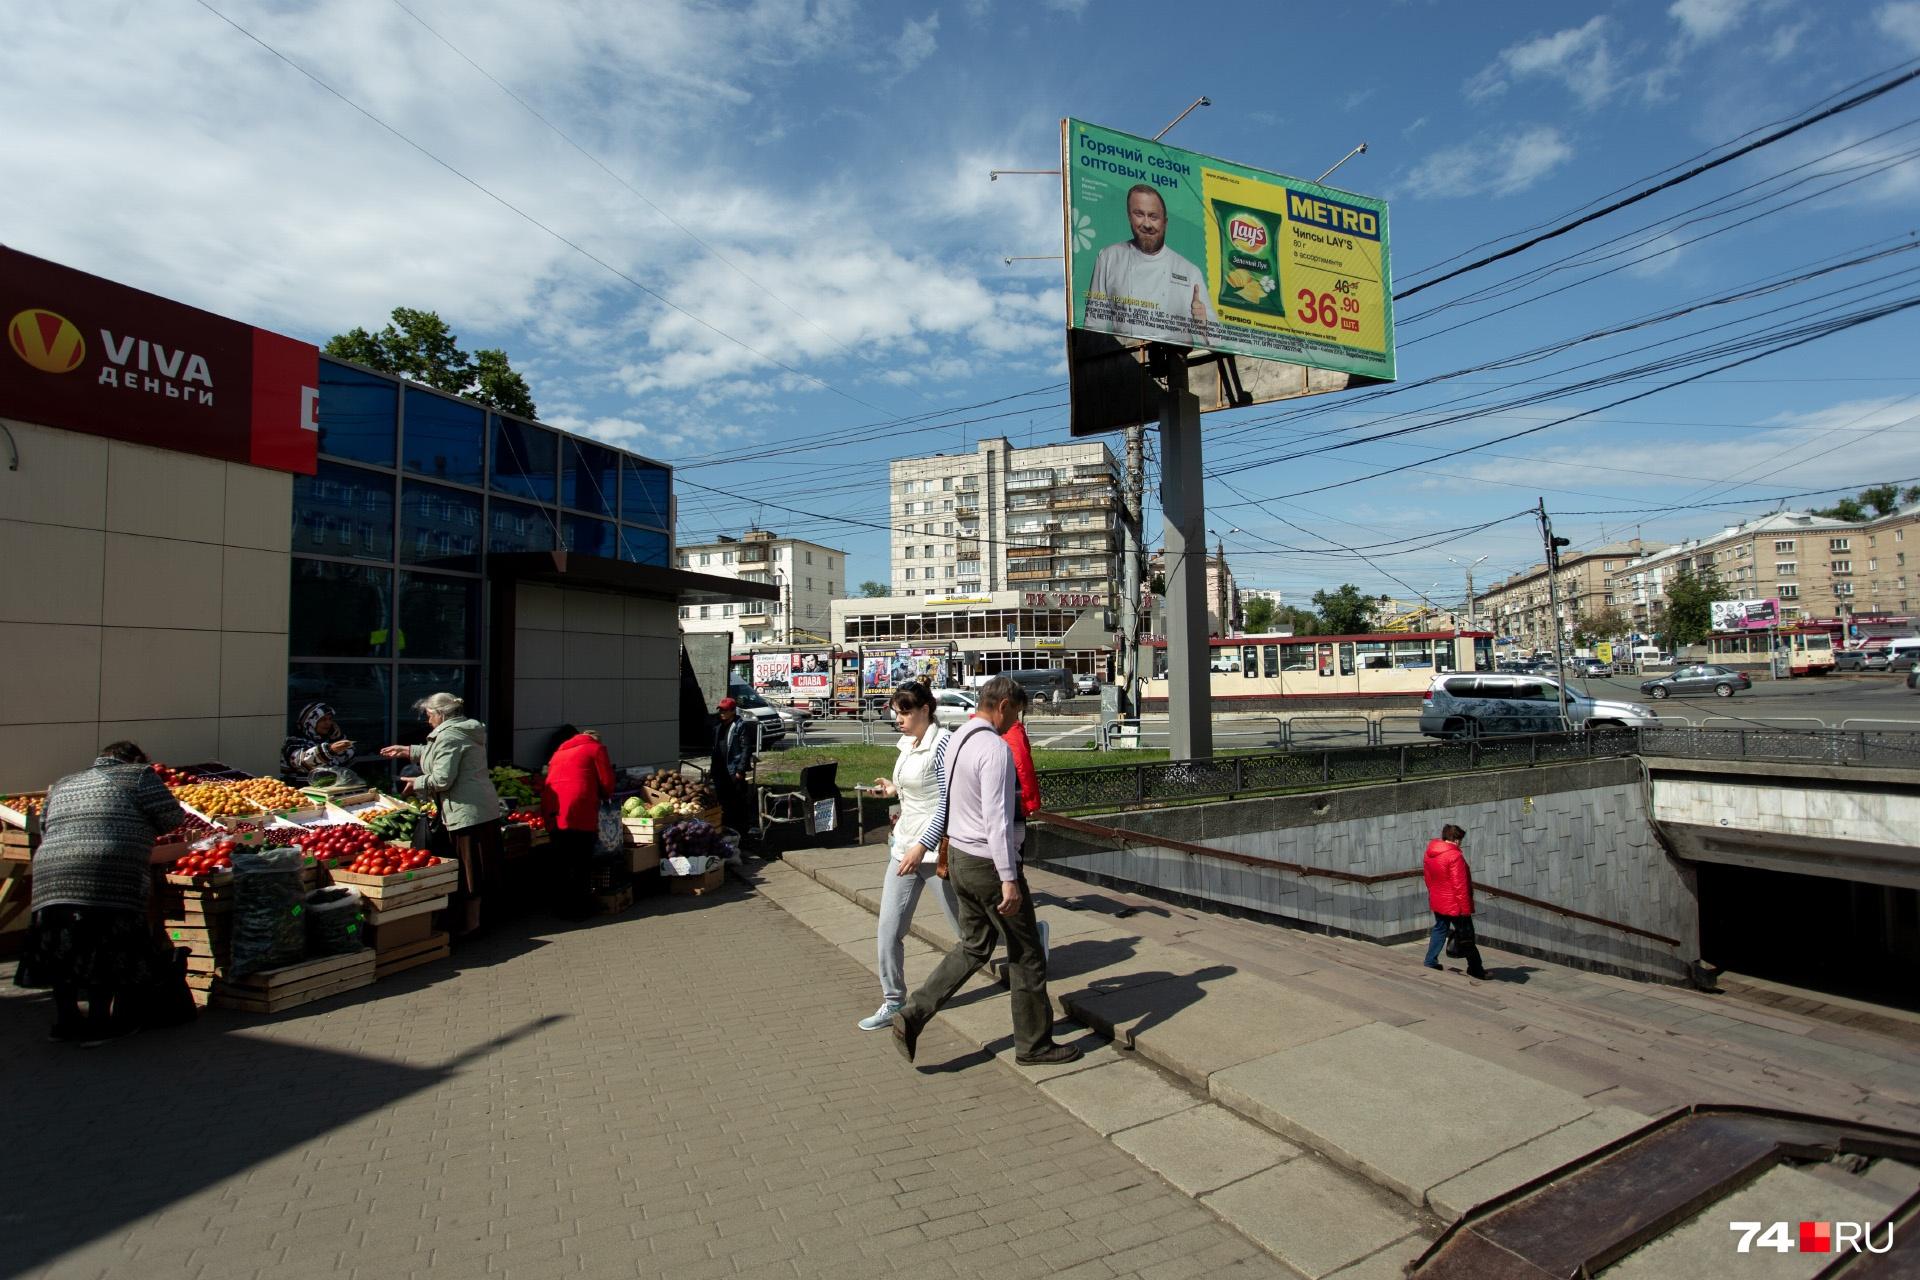 Идём дальше по улице Кирова. Хотим мы этого или нет, но вновь упираемся в базар